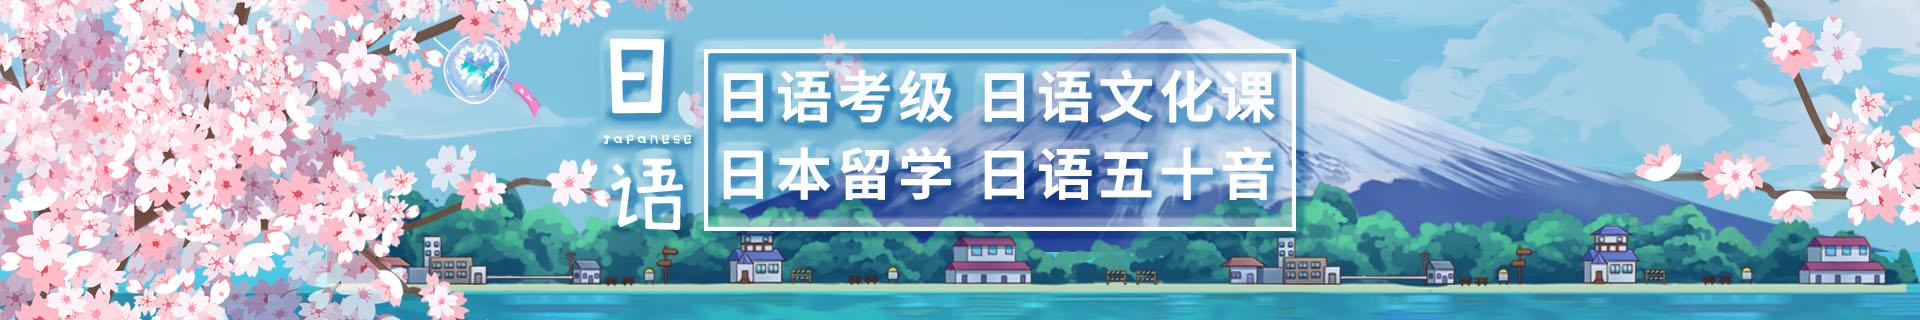 西安雁塔区樱花国际日语培训机构